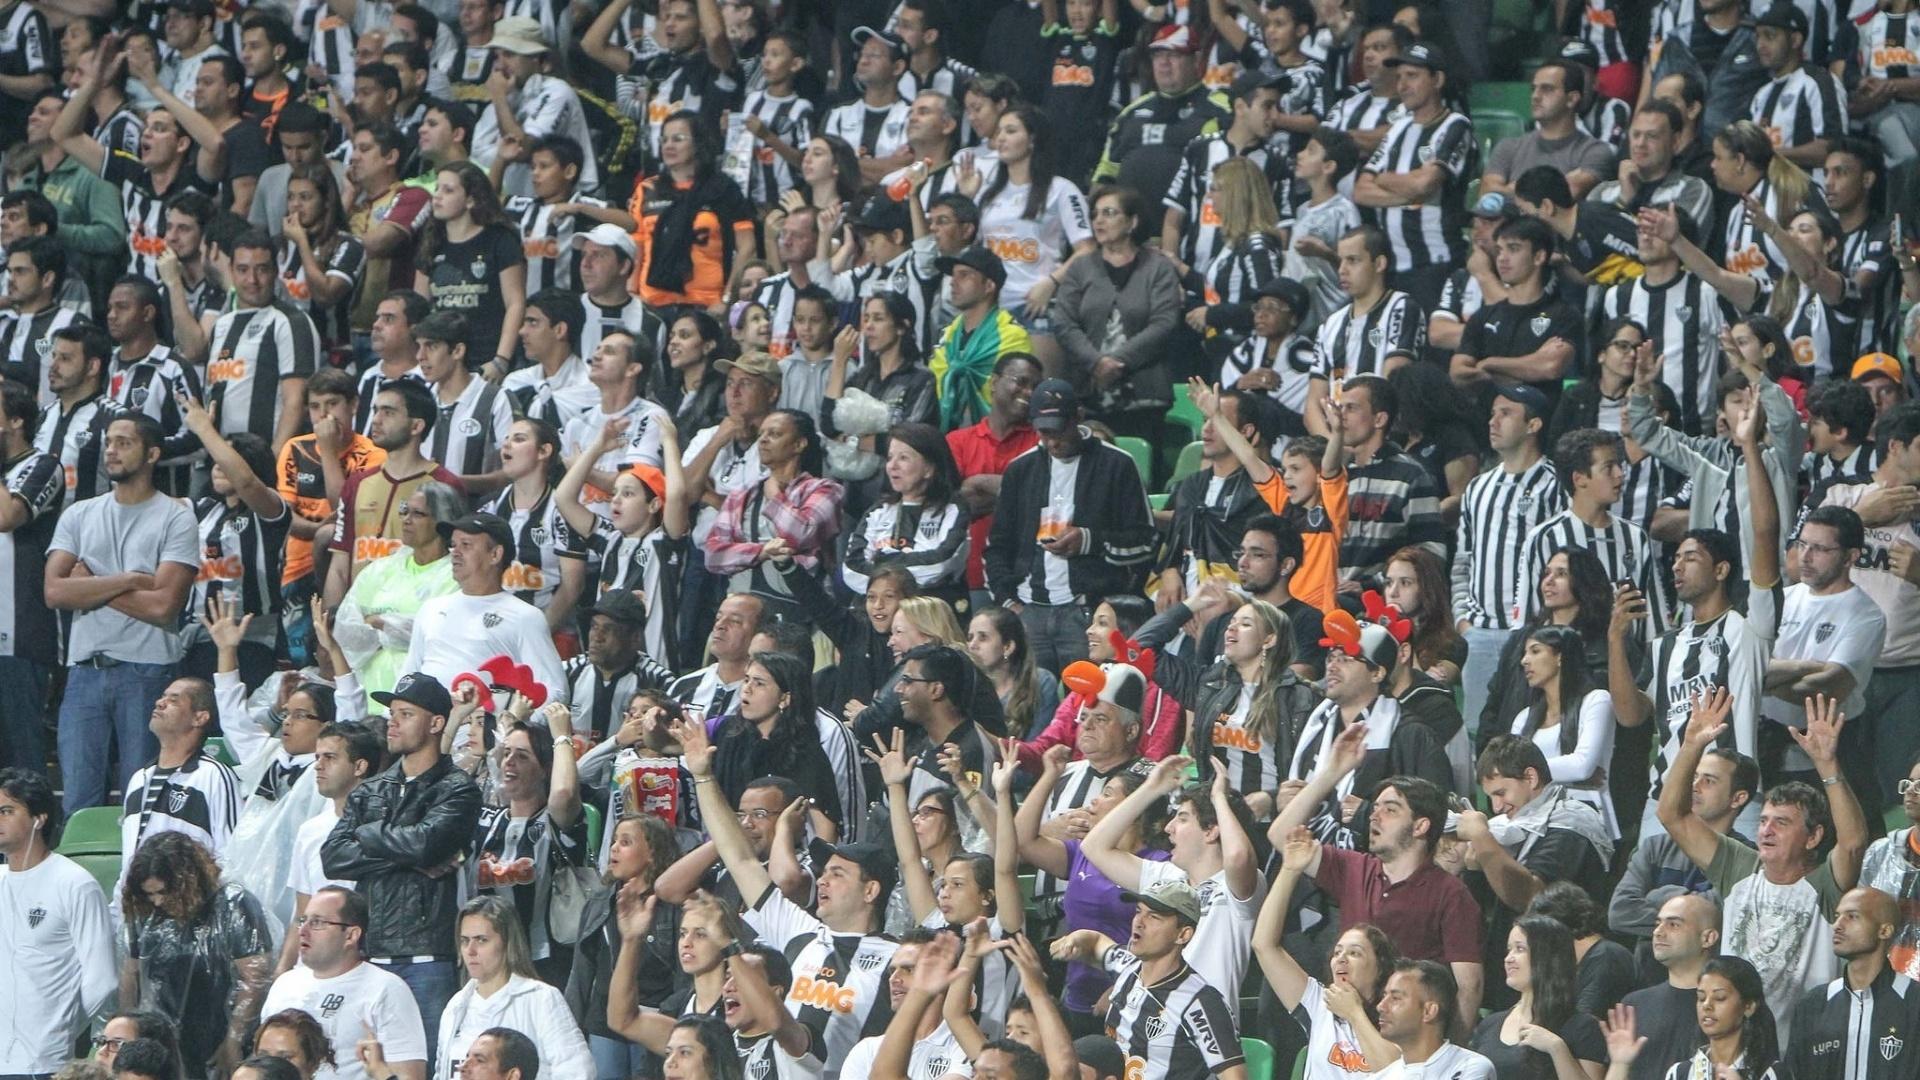 Torcida do Atlético-MG lotou o Estádio Independência para partida de festa contra o Coritiba